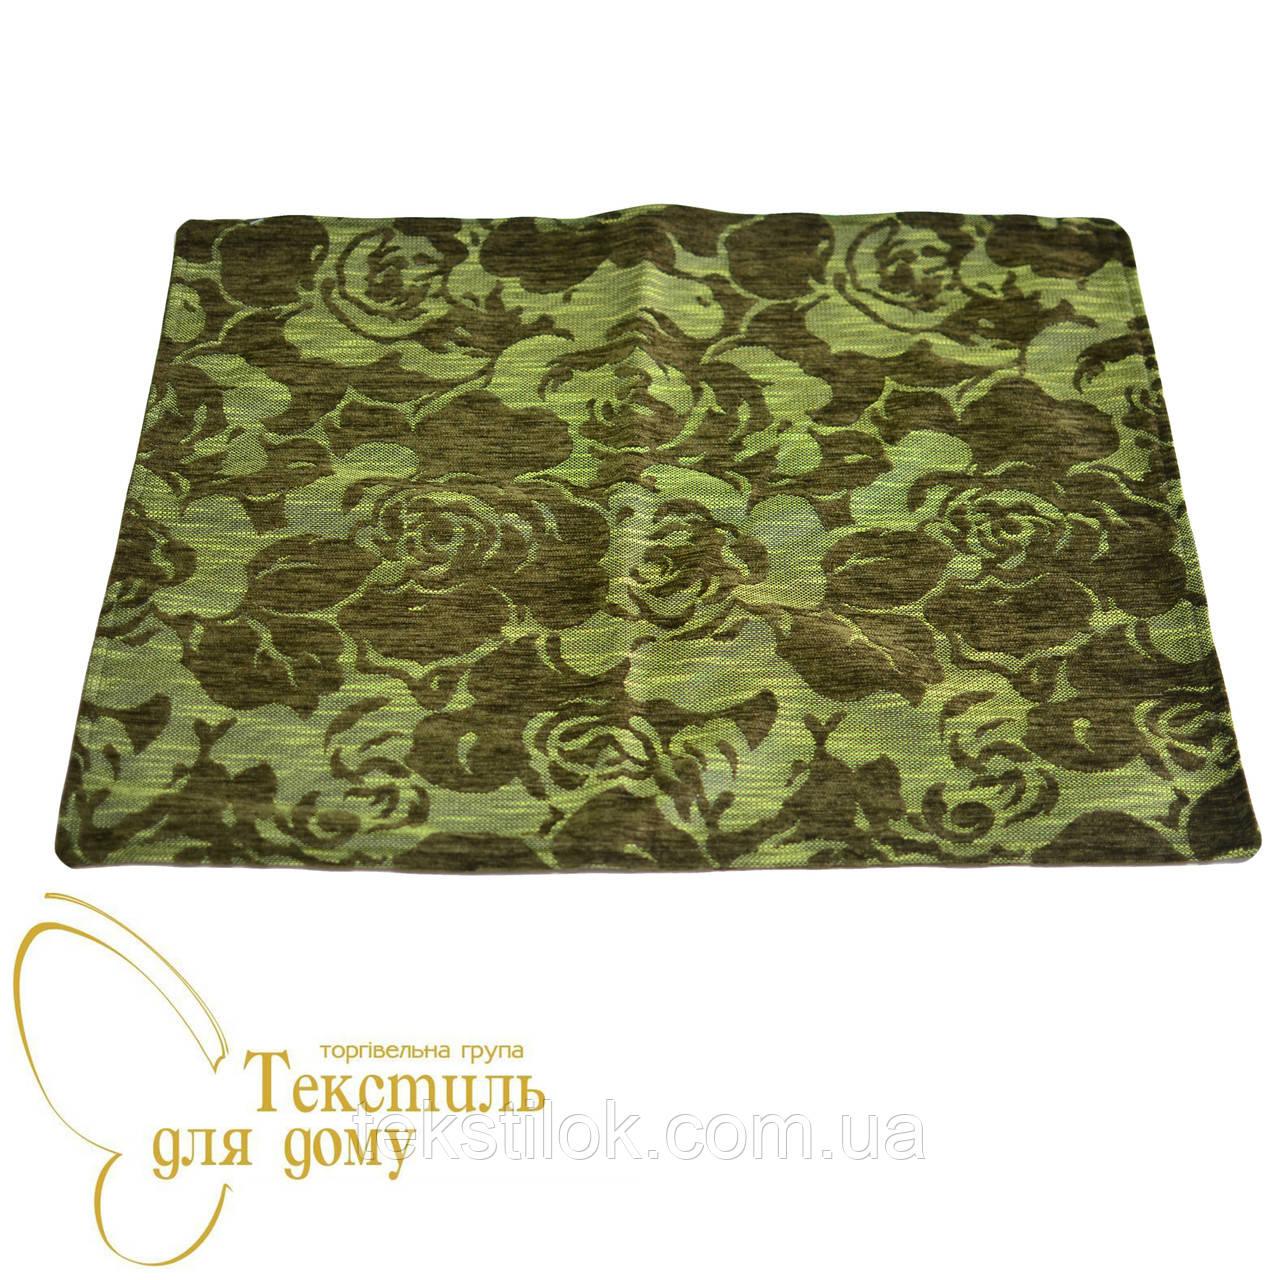 Наволочка декоративная рельефные цветы BURGAZ, 50*70, зеленый